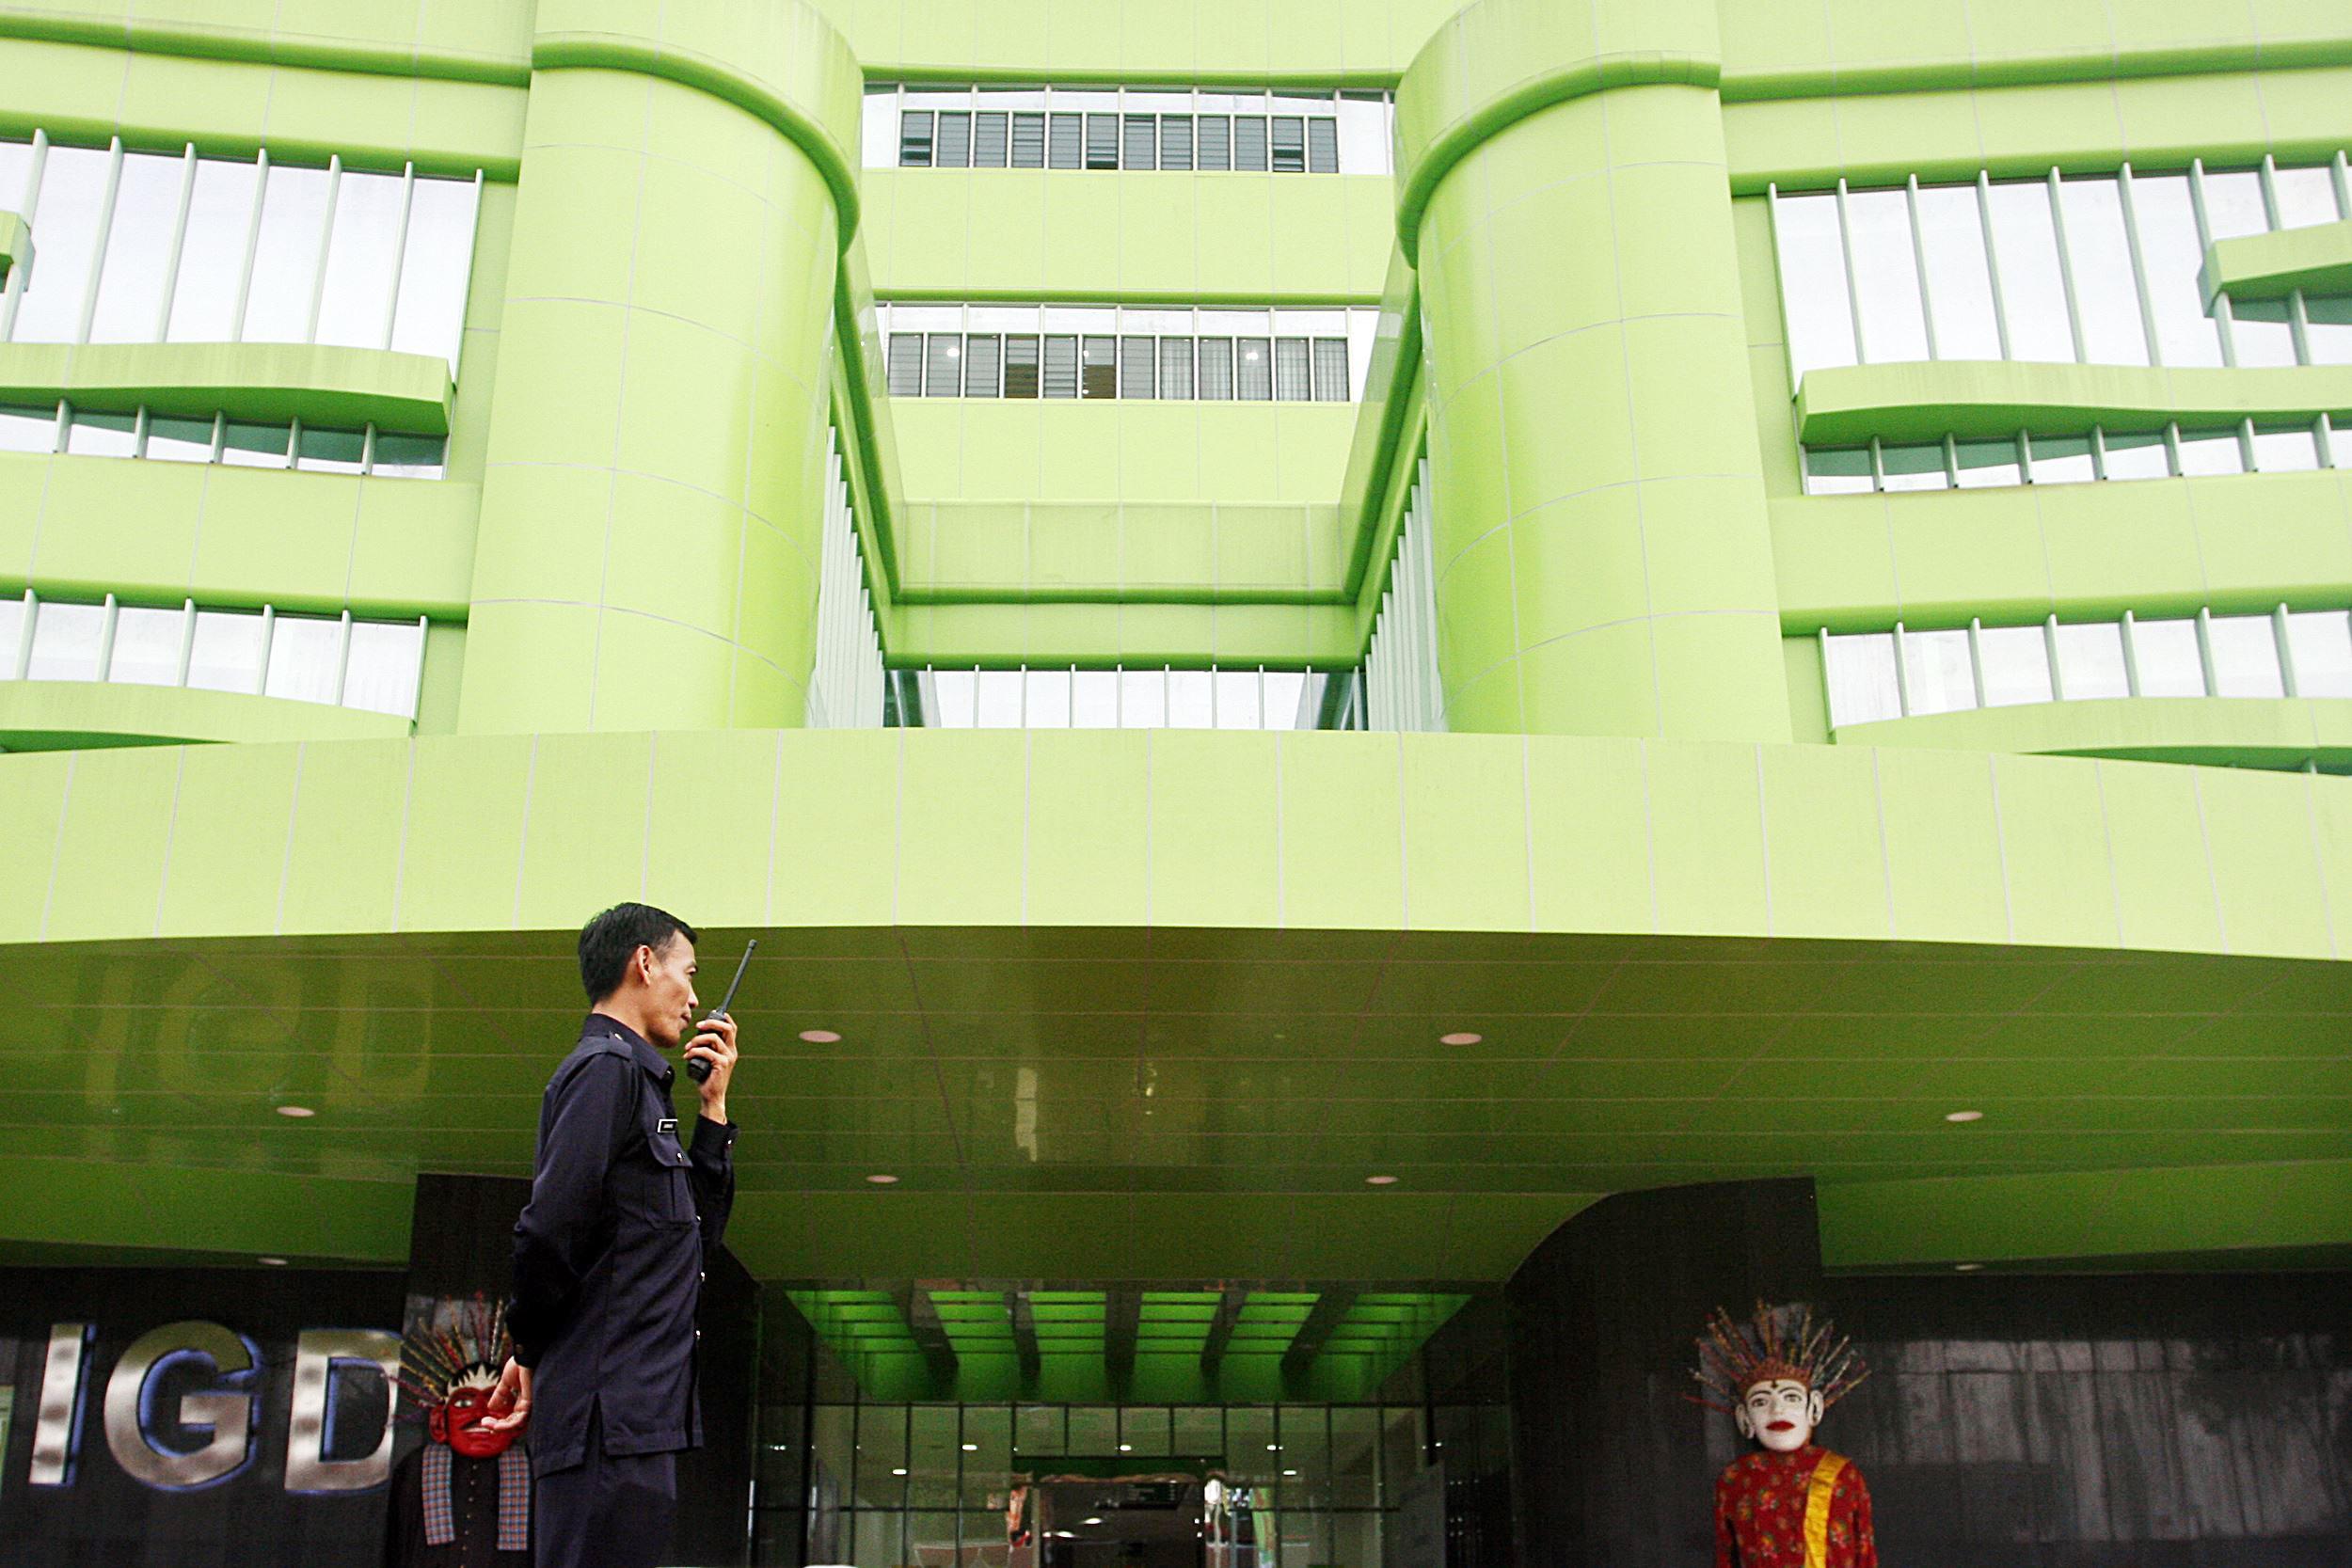 83+ Gambar Rumah Sakit Pasar Minggu HD Terbaik